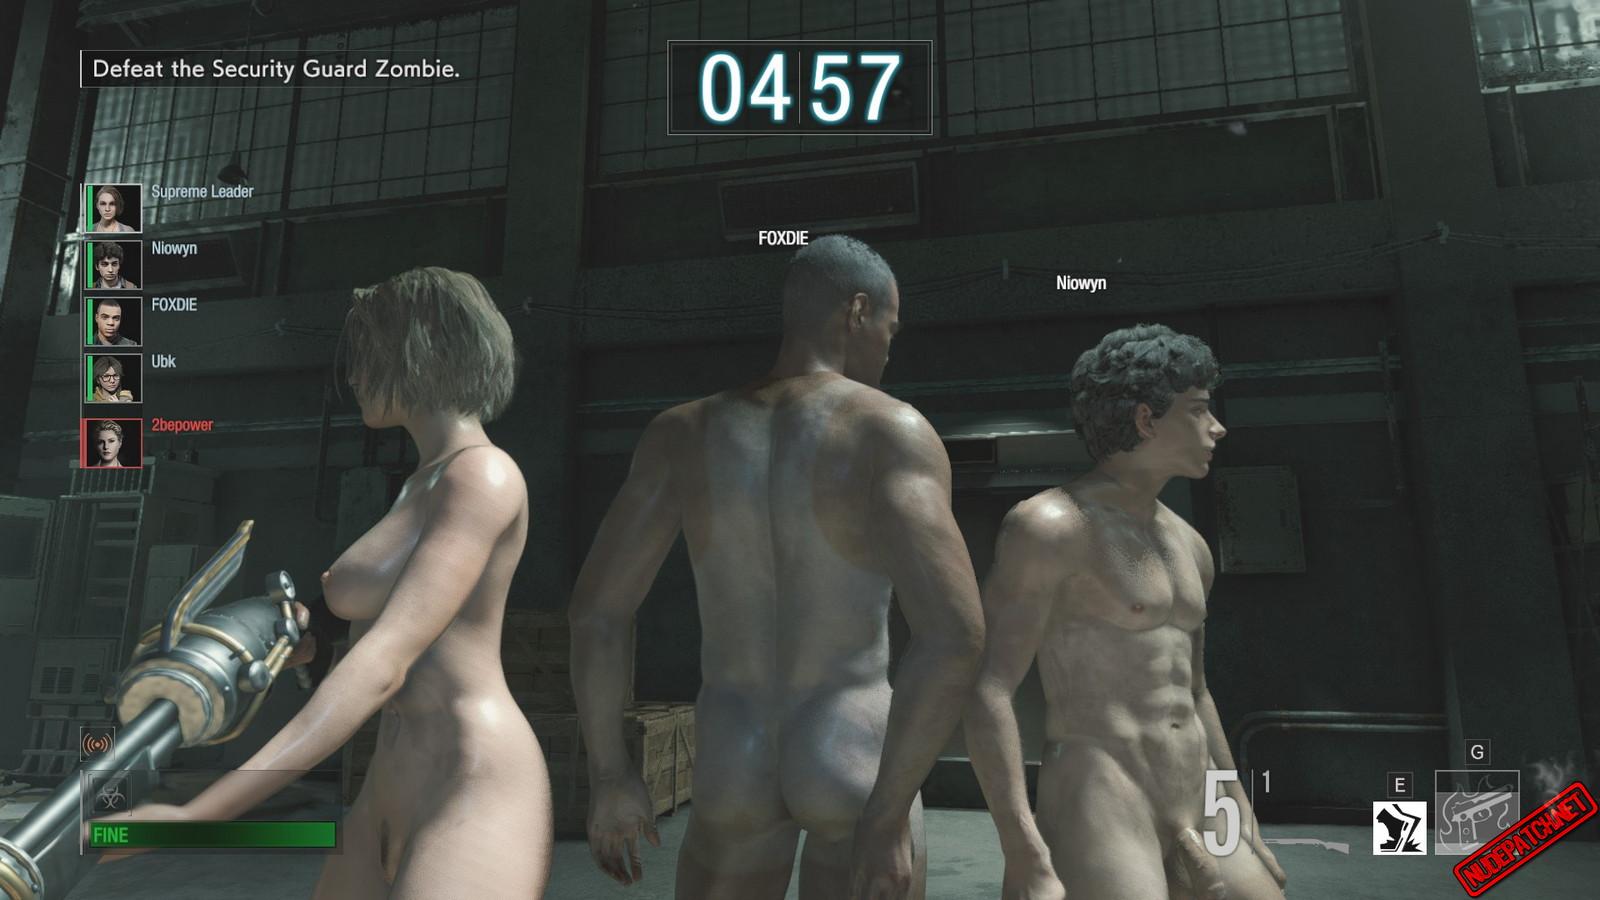 Evil nude resident 7 All Resident